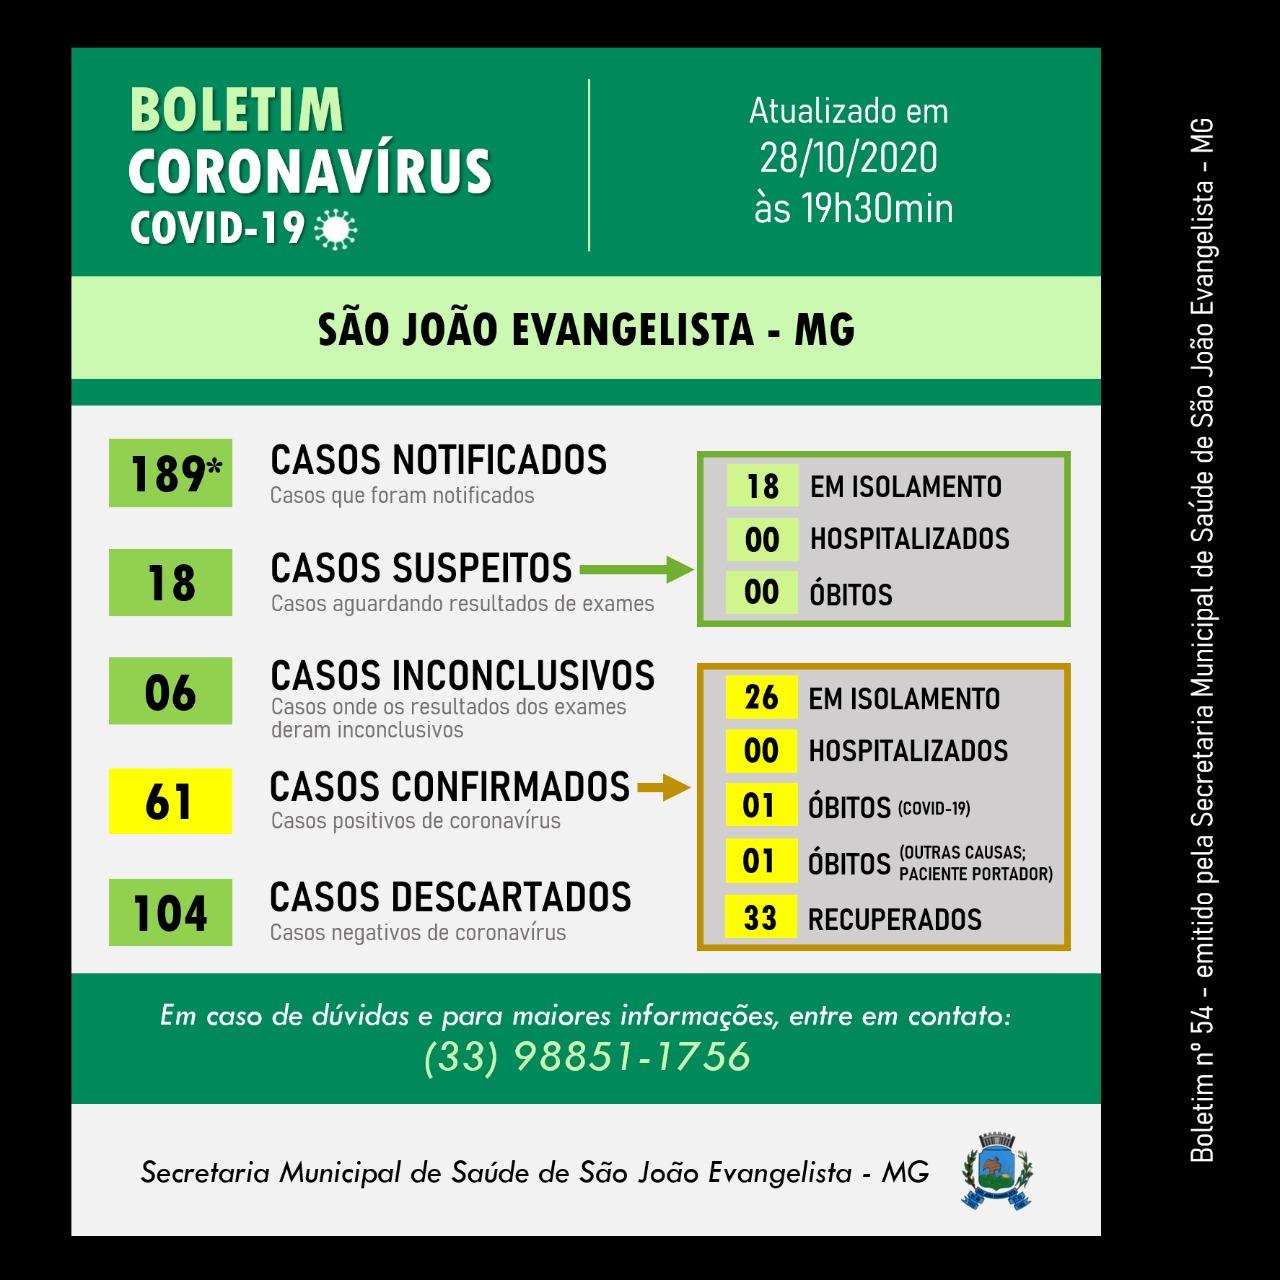 BOLETIM OFICIAL CORONAVÍRUS 28 DE OUTUBRO DE 2020